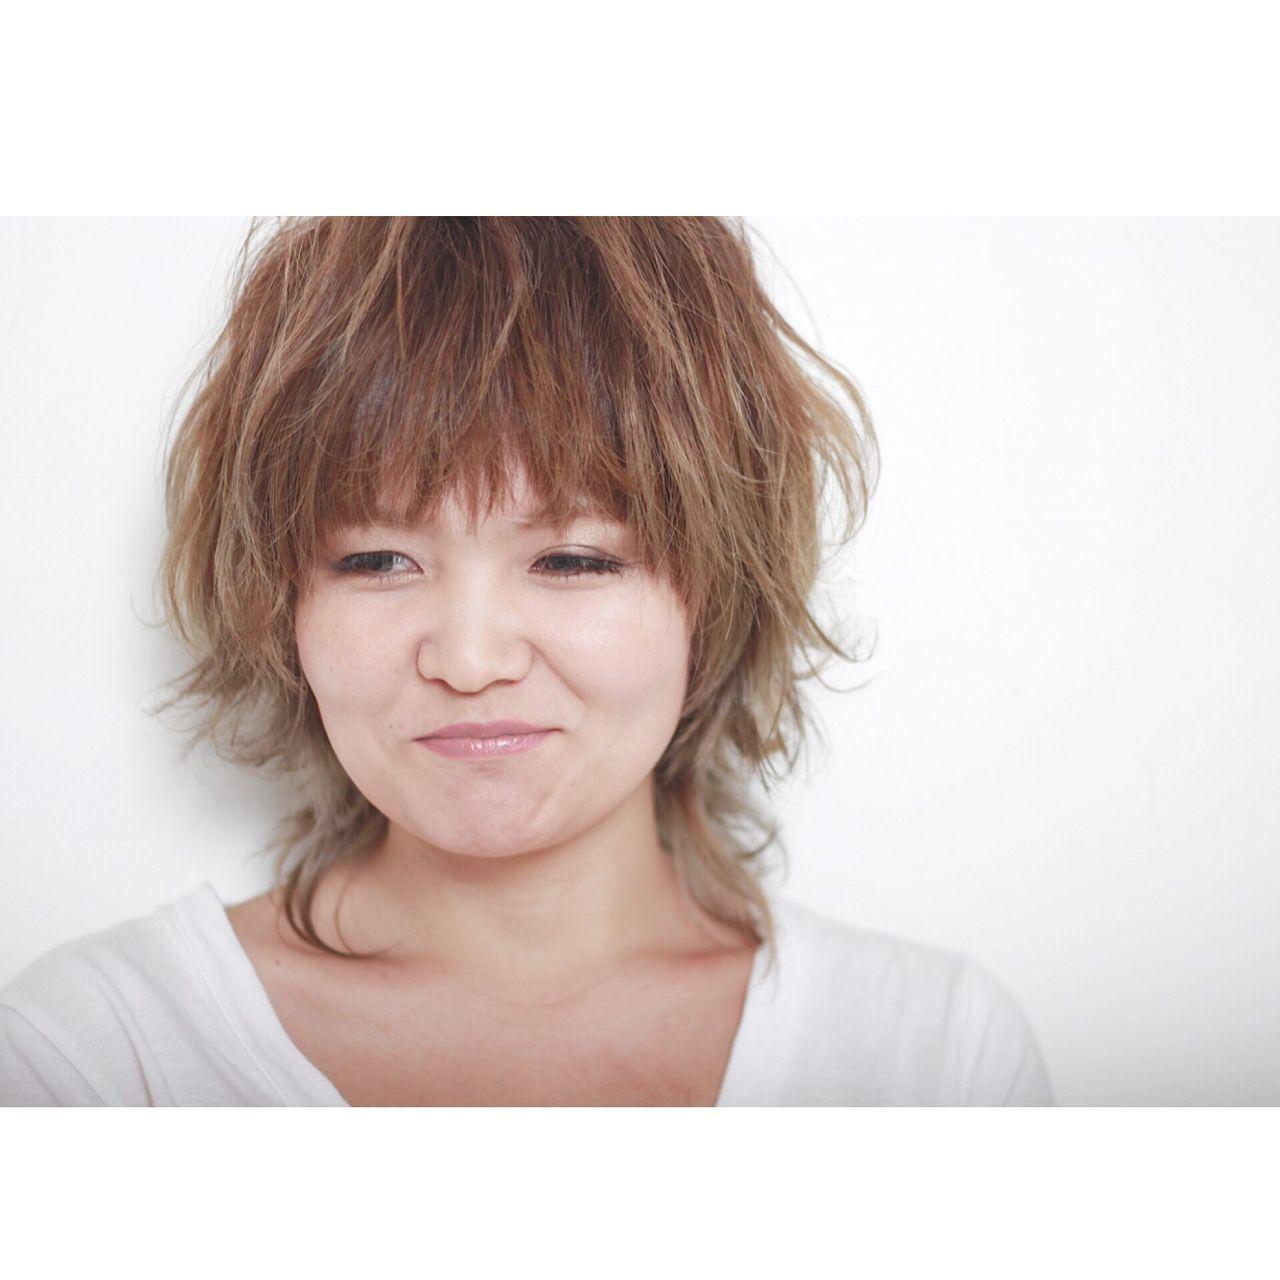 マッシュ ウルフカット ショート 外国人風 ヘアスタイルや髪型の写真・画像   カミムラ ケンスケ / SPEC